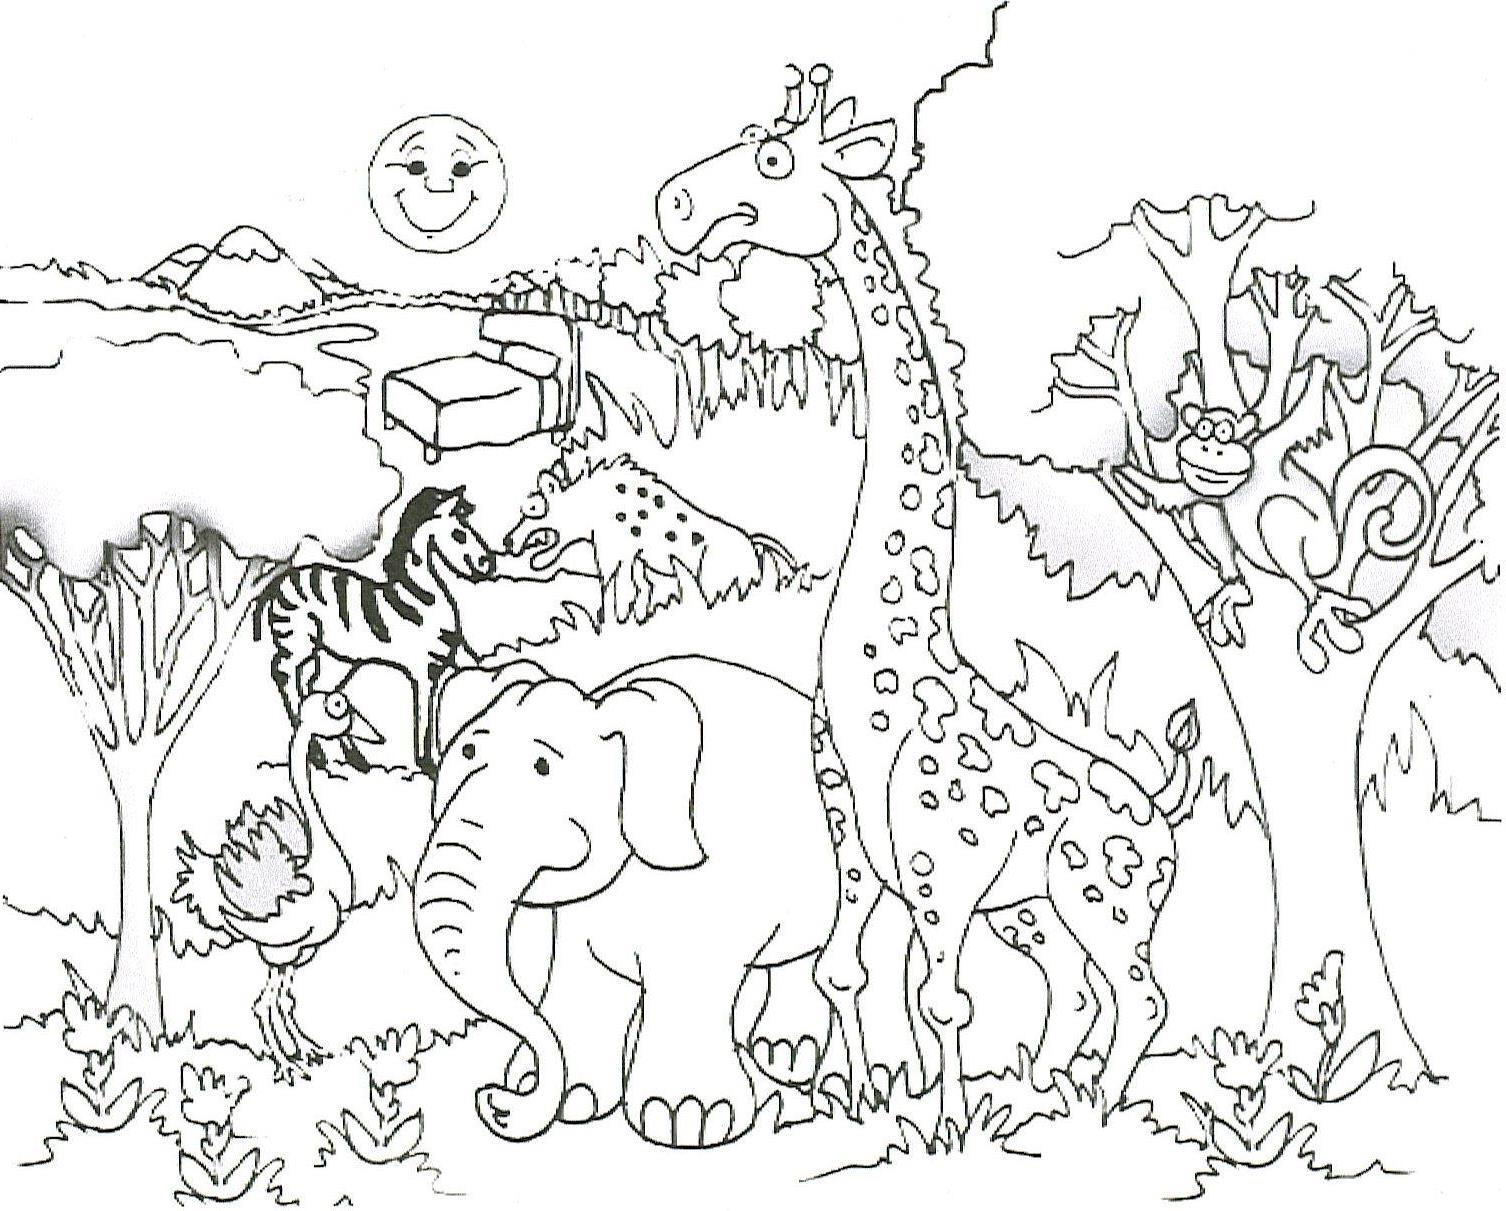 Zürafa Boyama 10 Sınıf öğretmenleri Için ücretsiz özgün Etkinlikler